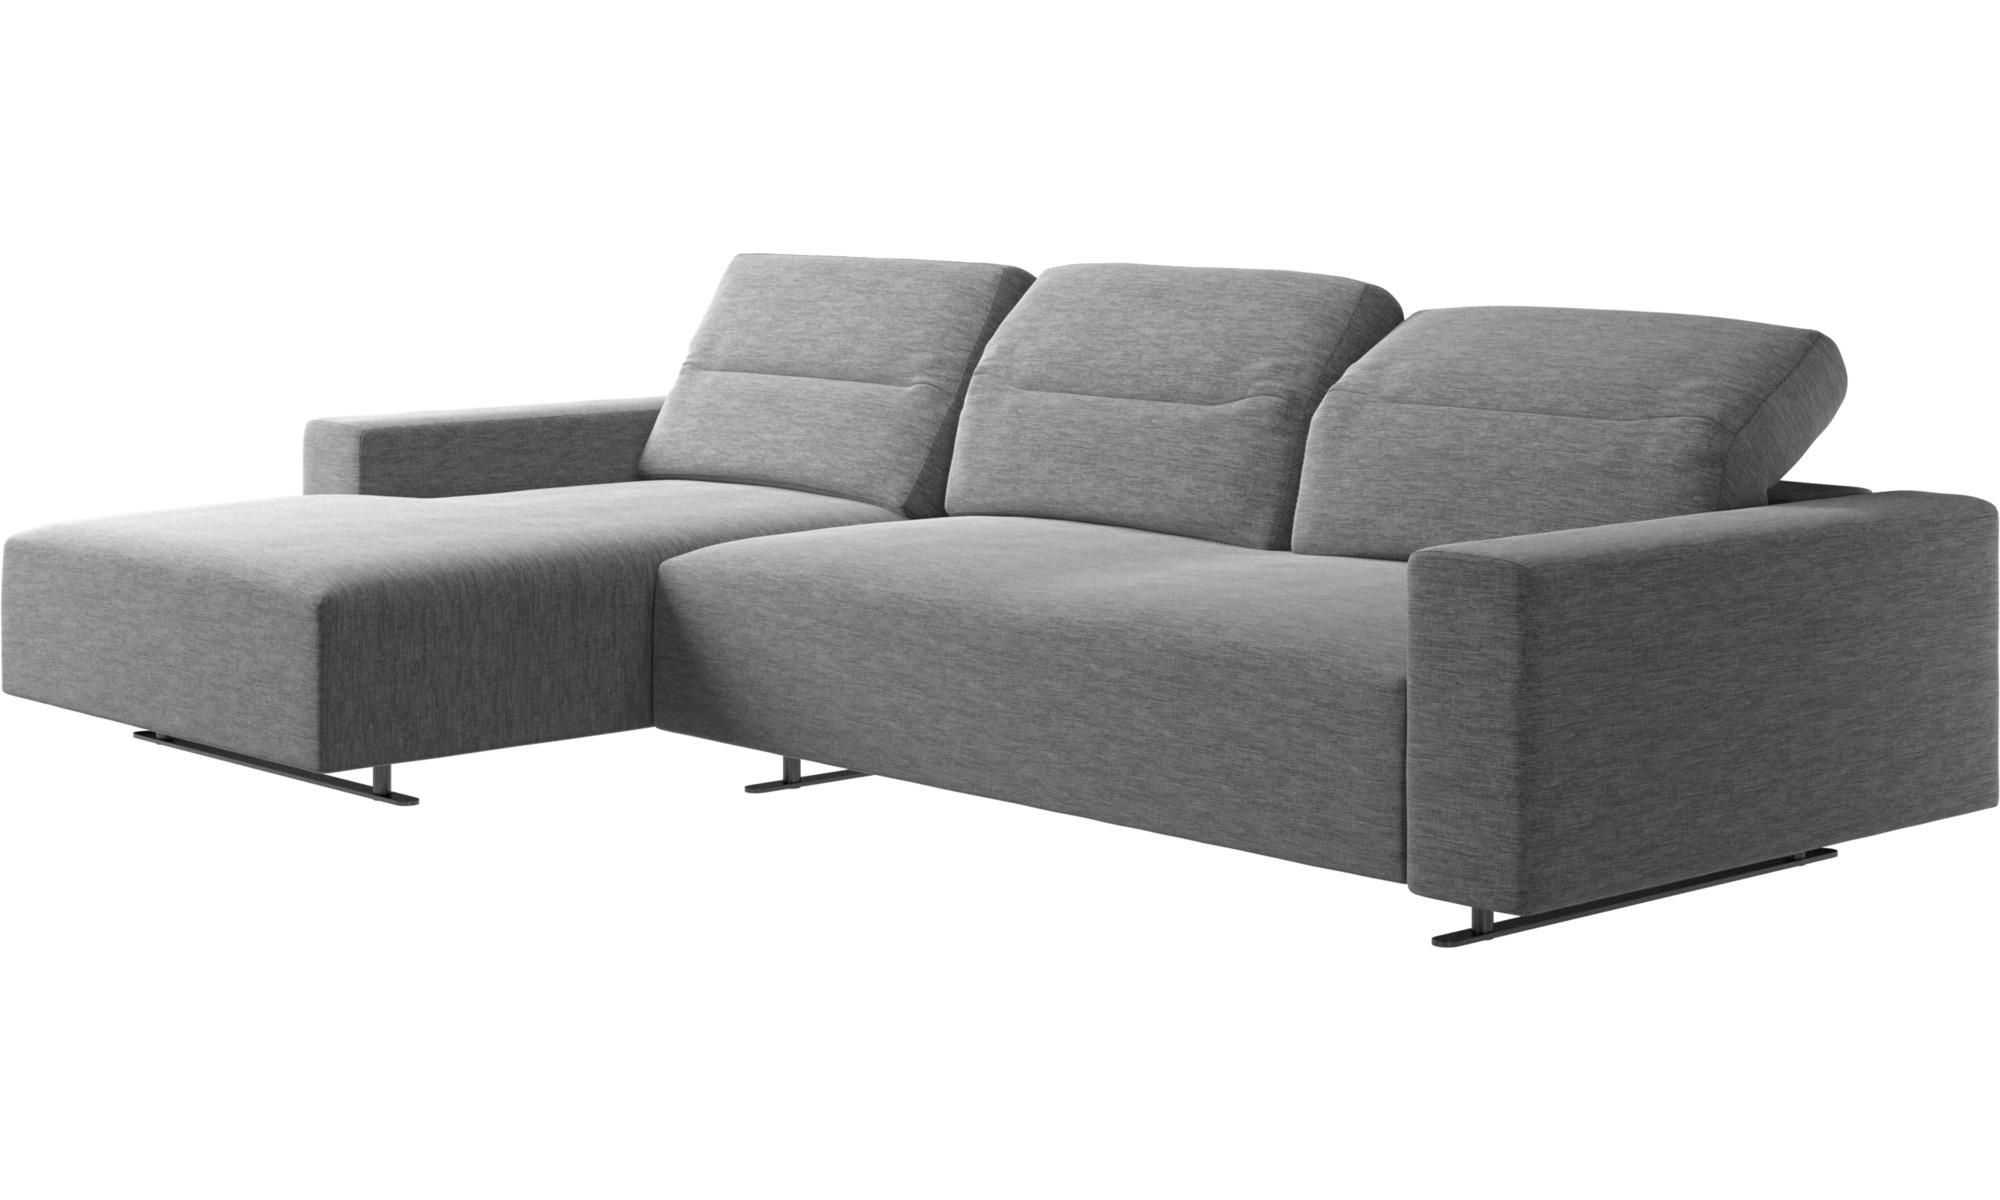 canap s avec chaise longue canap hampton avec dossier ajustable m ridienne et espace de. Black Bedroom Furniture Sets. Home Design Ideas